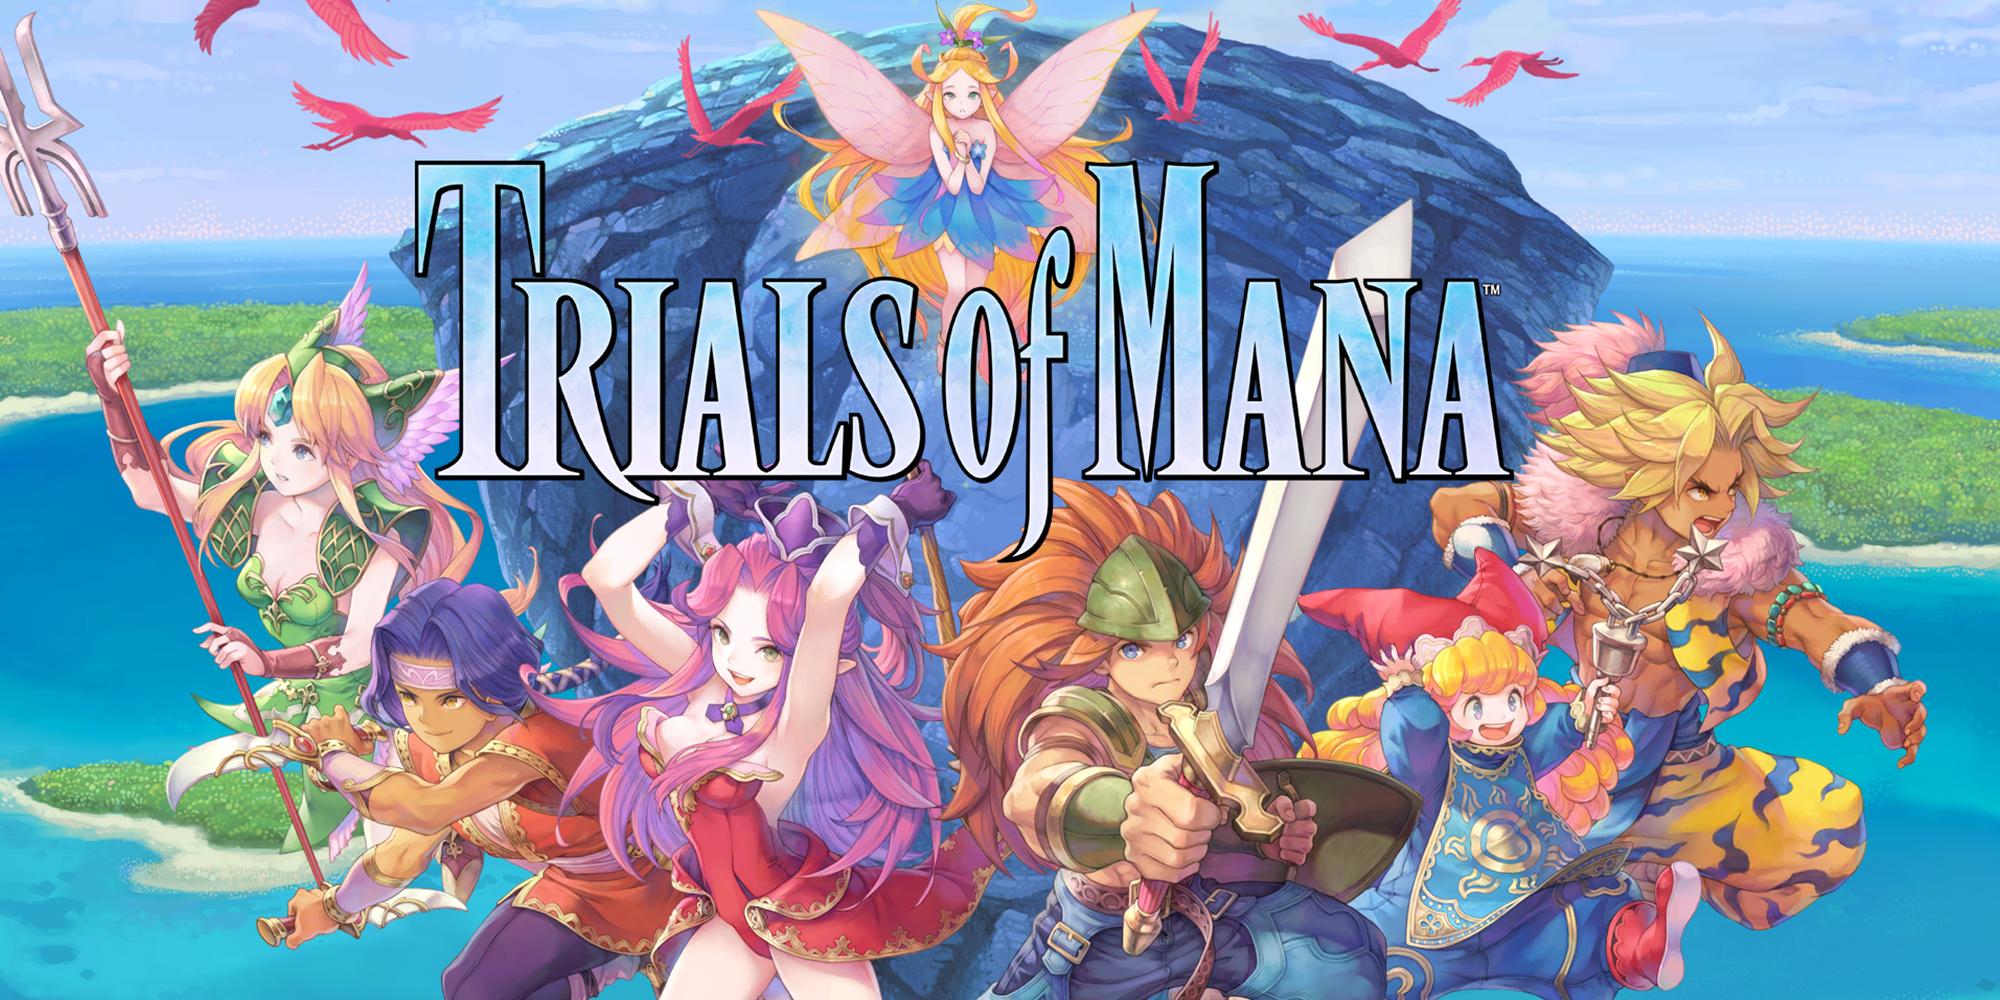 Trials of Mana de Square Enix s'offre une démo avant son lancement le mois prochain